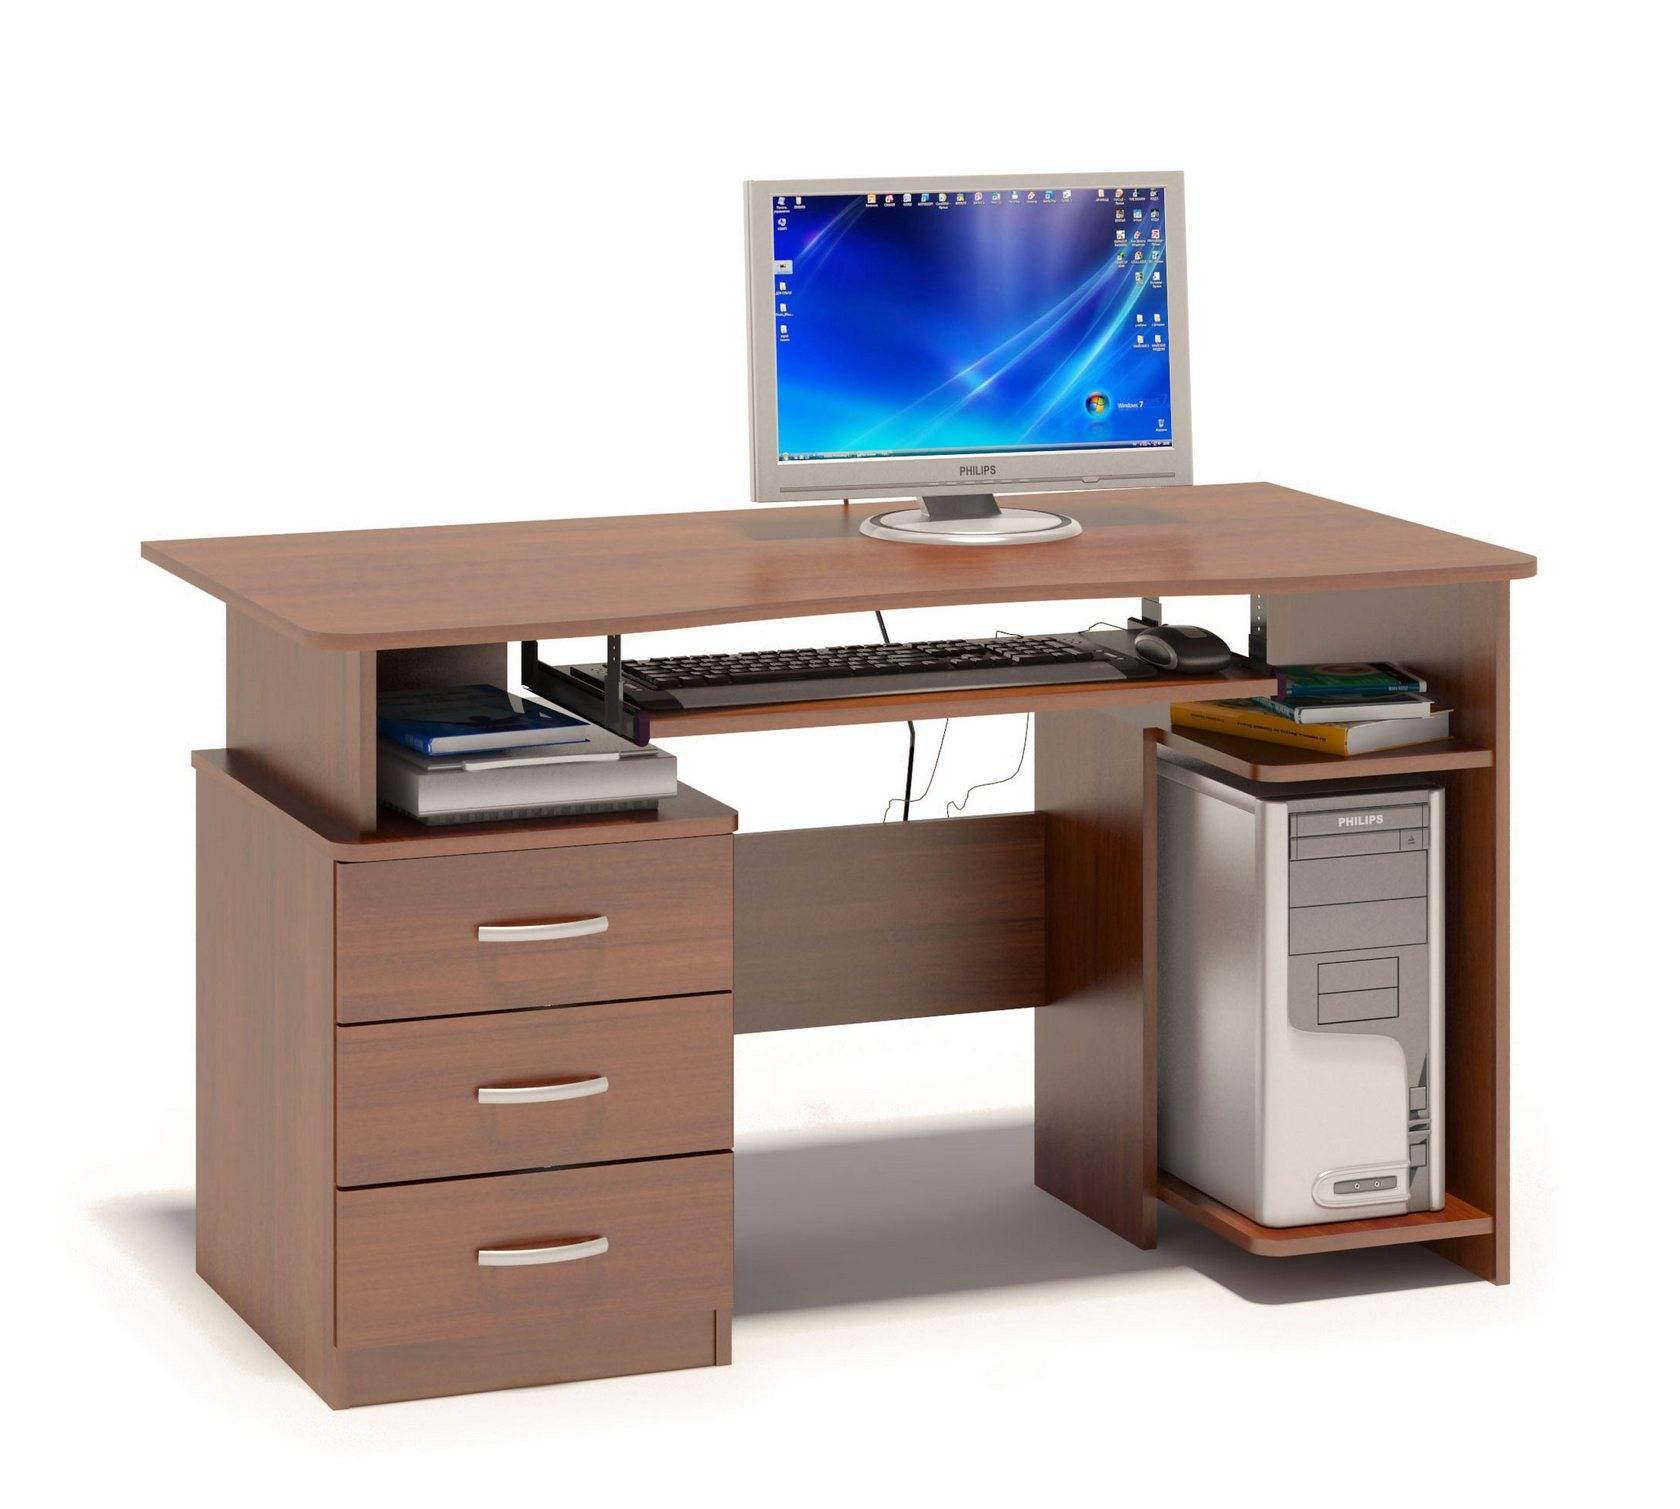 Компьютерный стол сокол стол компьютерный кст-08.1 sk_157648.